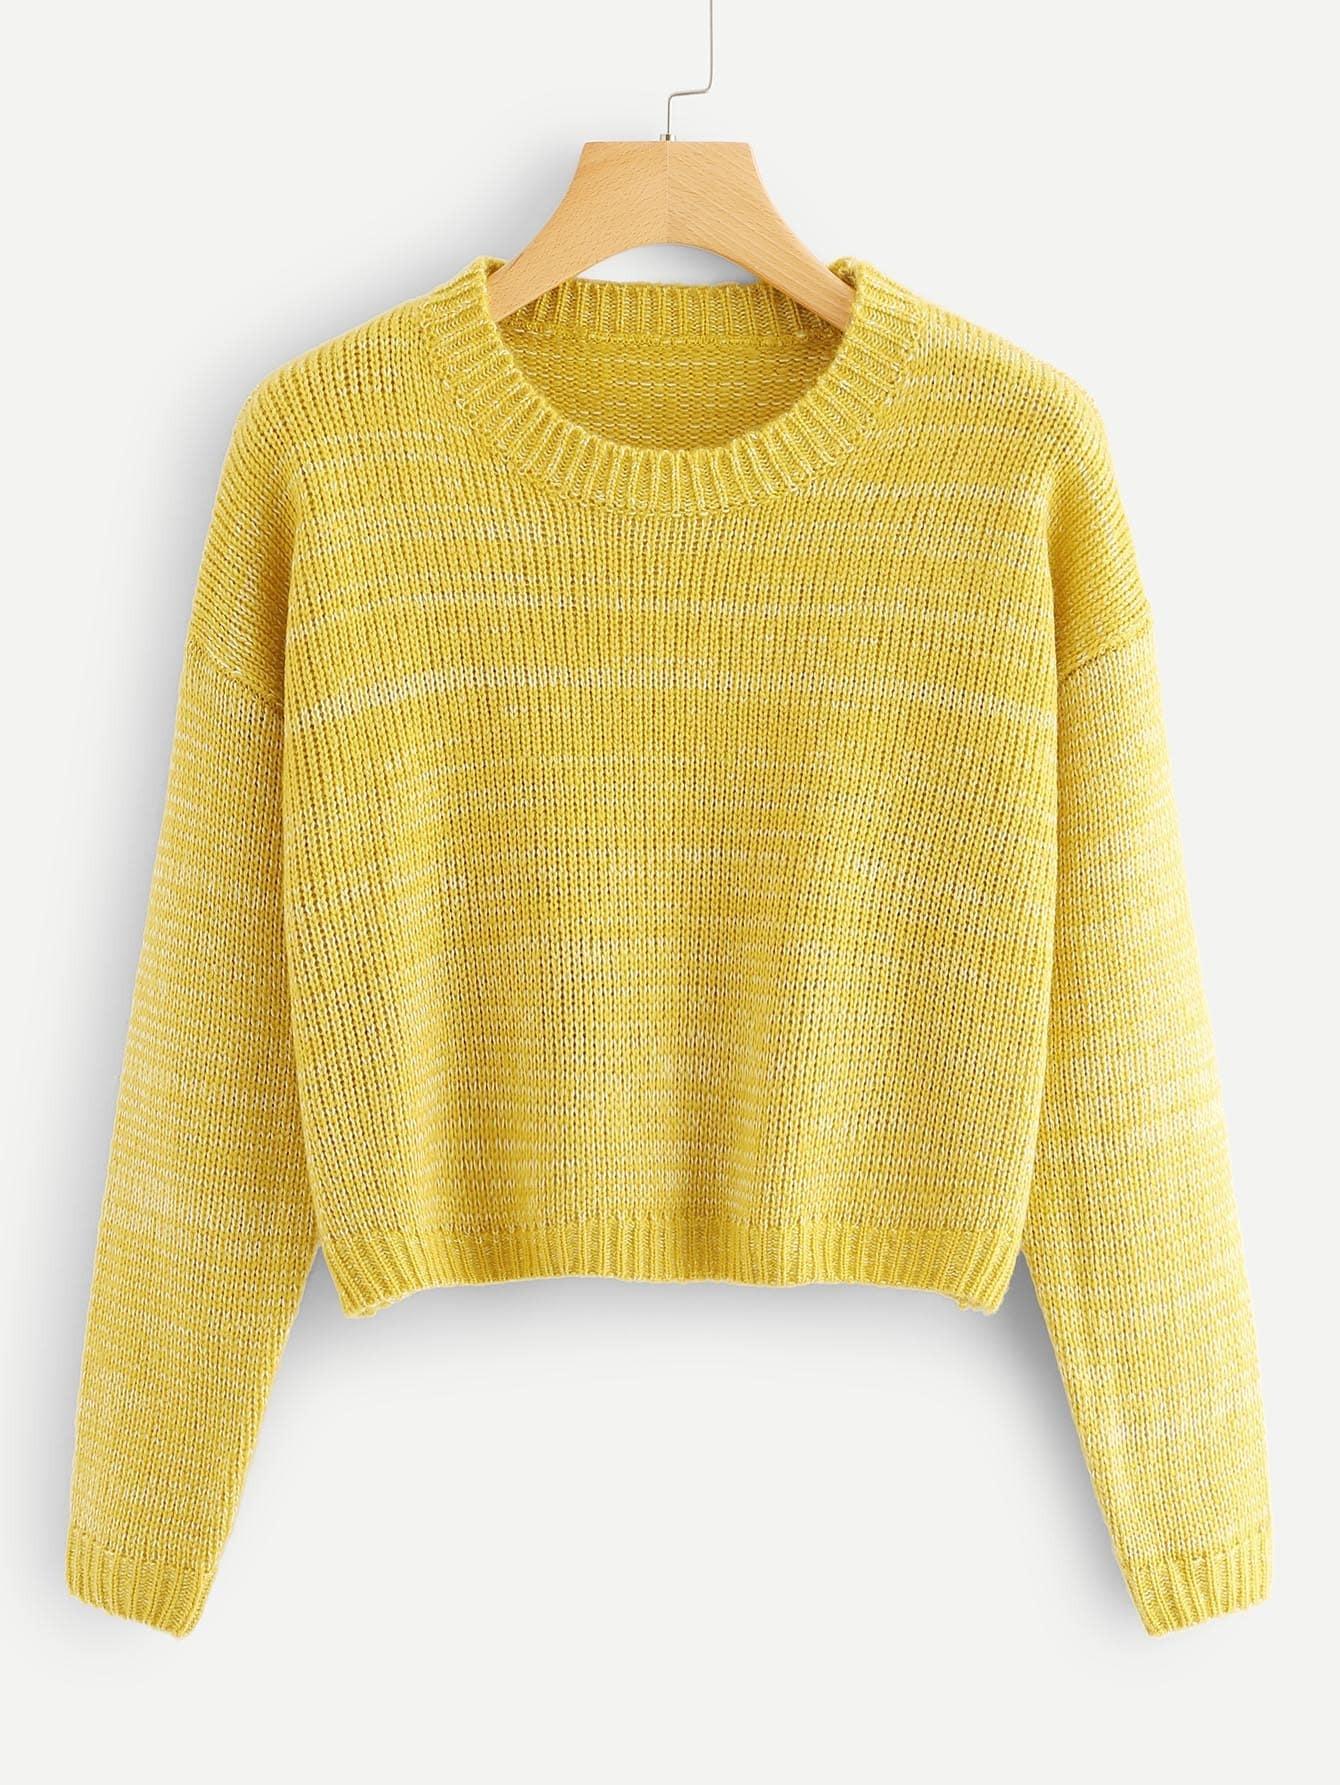 Drop Shoulder Marled Knit Sweater drop shoulder marled sweatshirt dress with corset belt